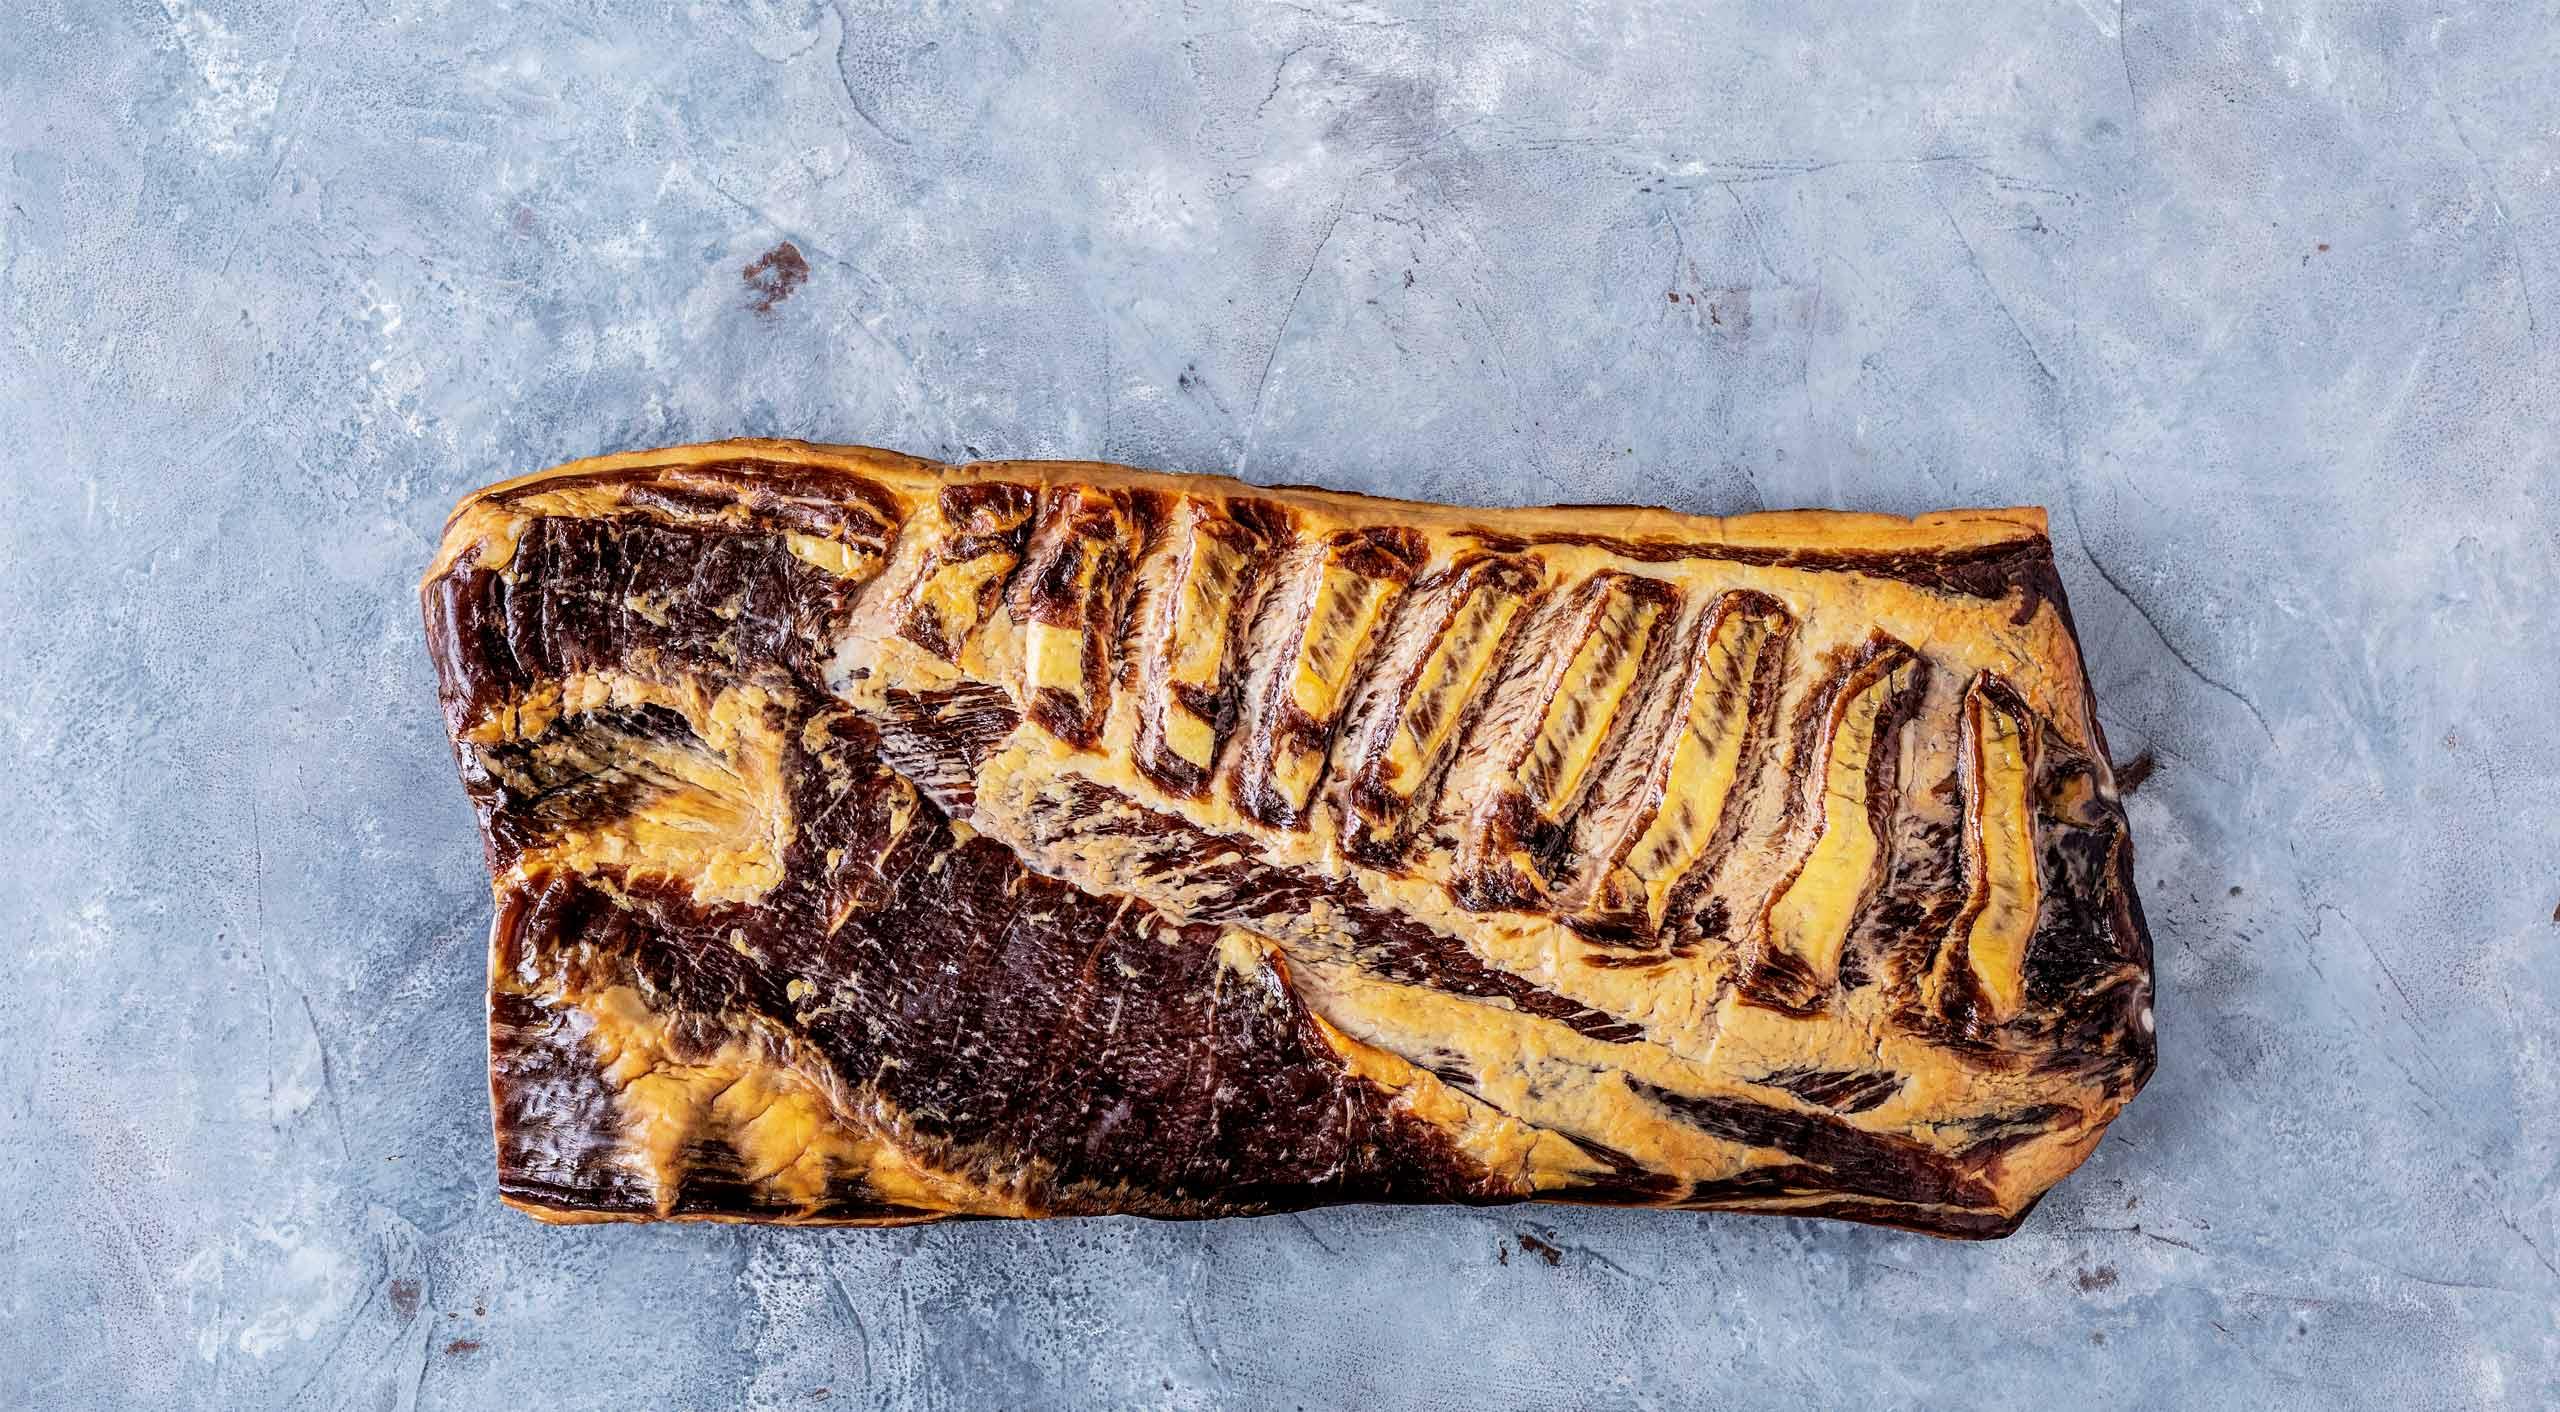 Bacon røget i GERT - Gyldent, Ensartet, Røgmættet og Tørt